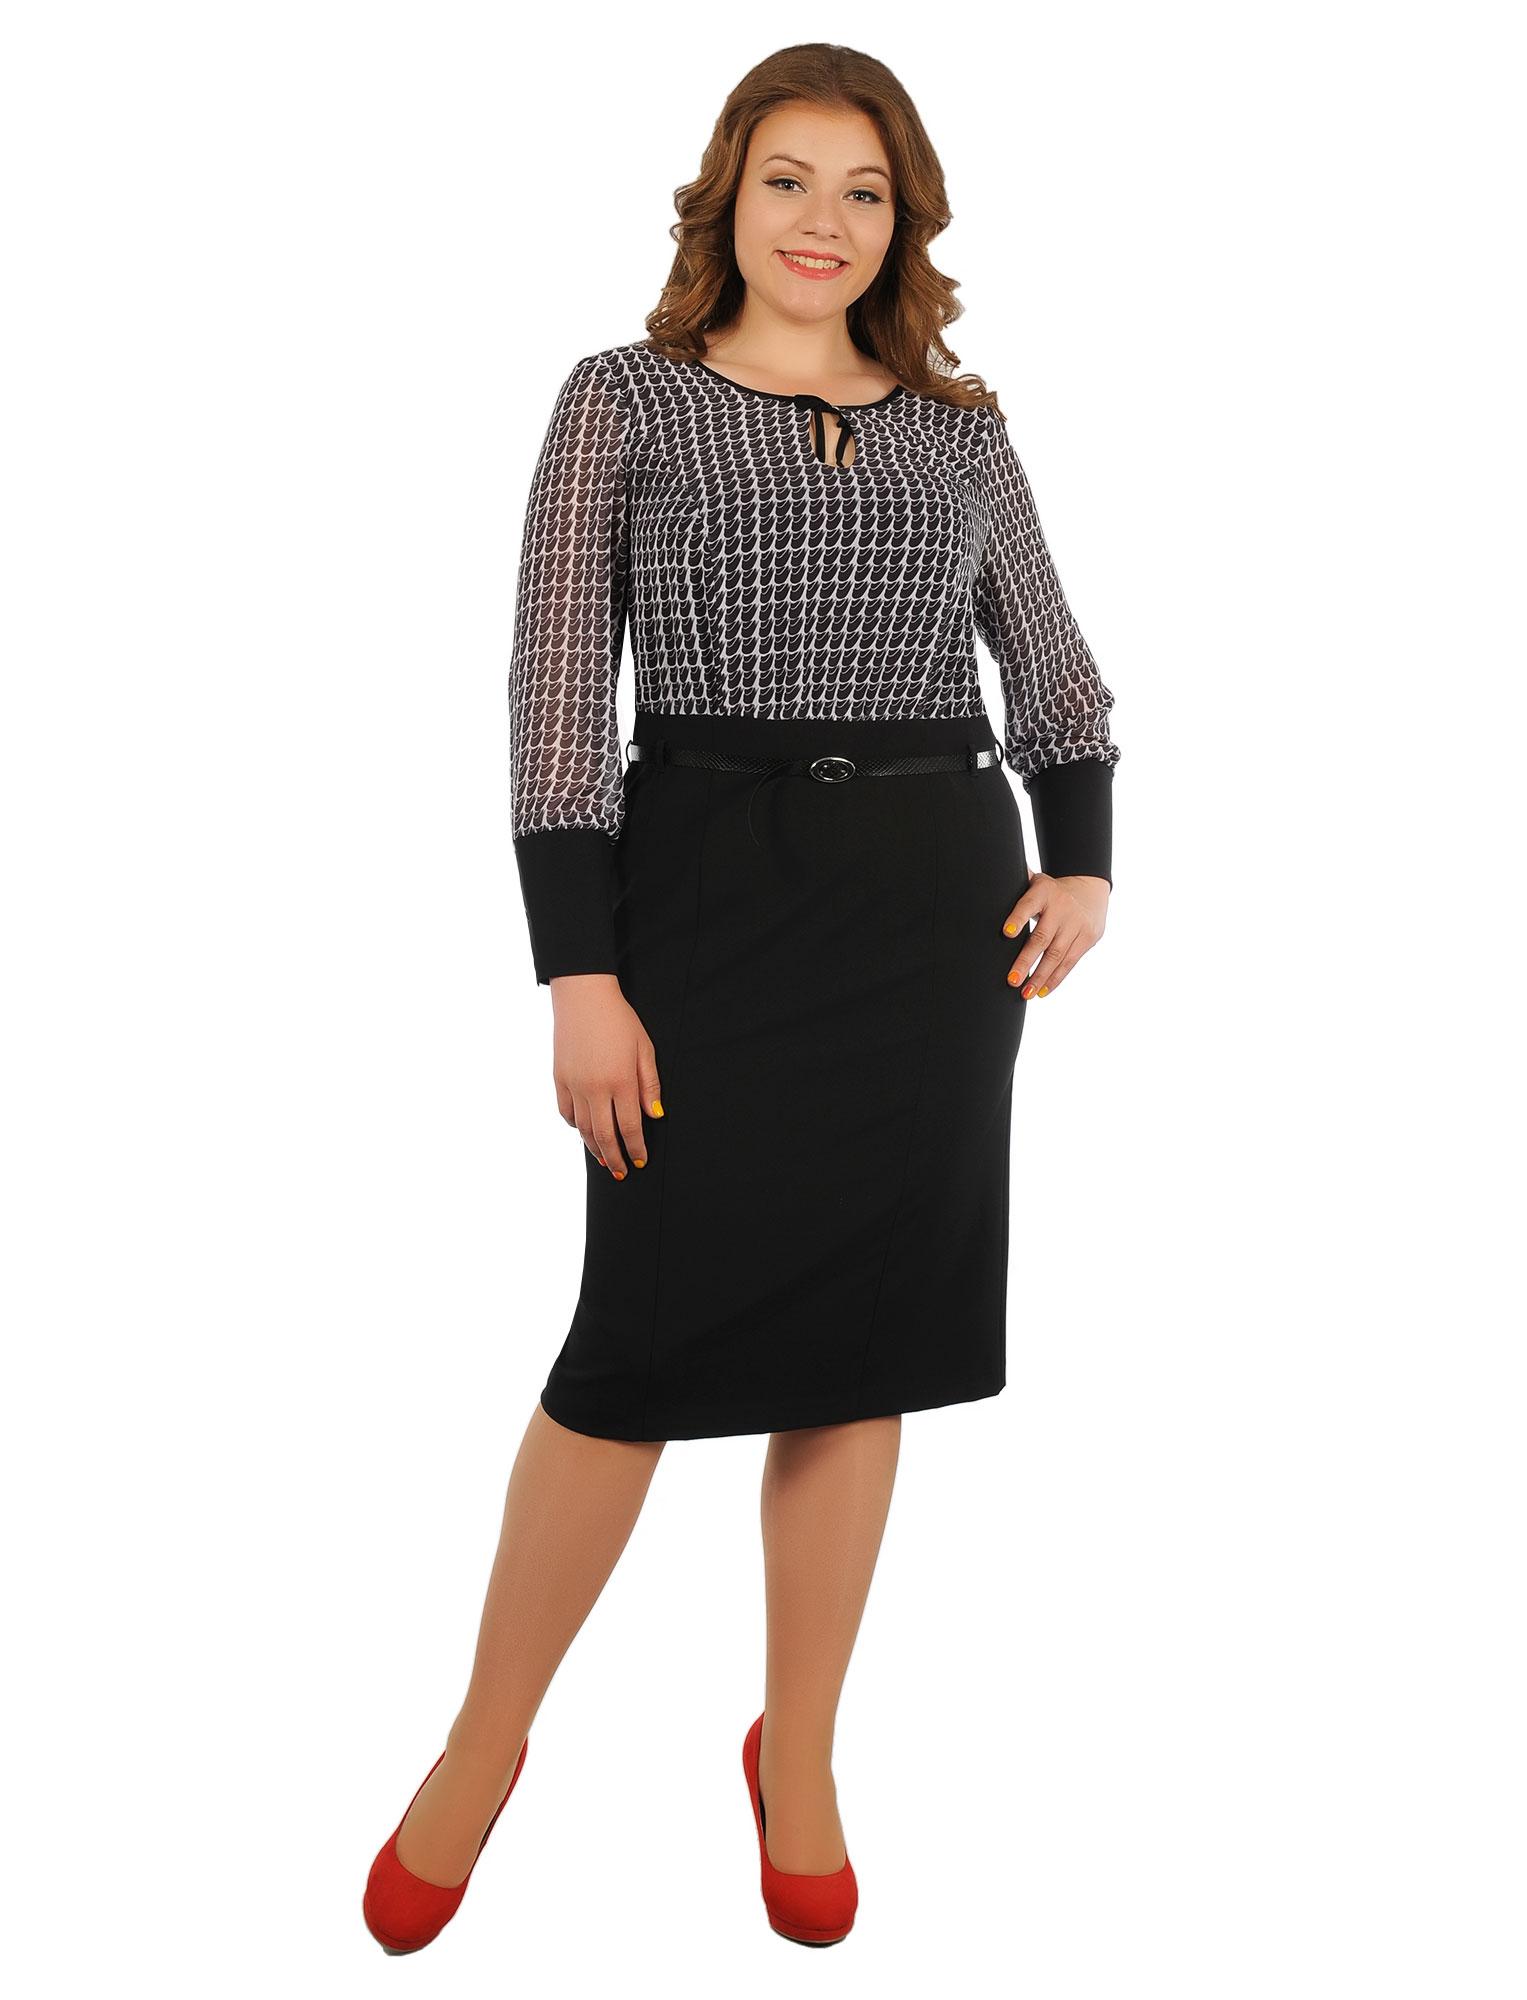 Одежда для женщин больших размеров доставка